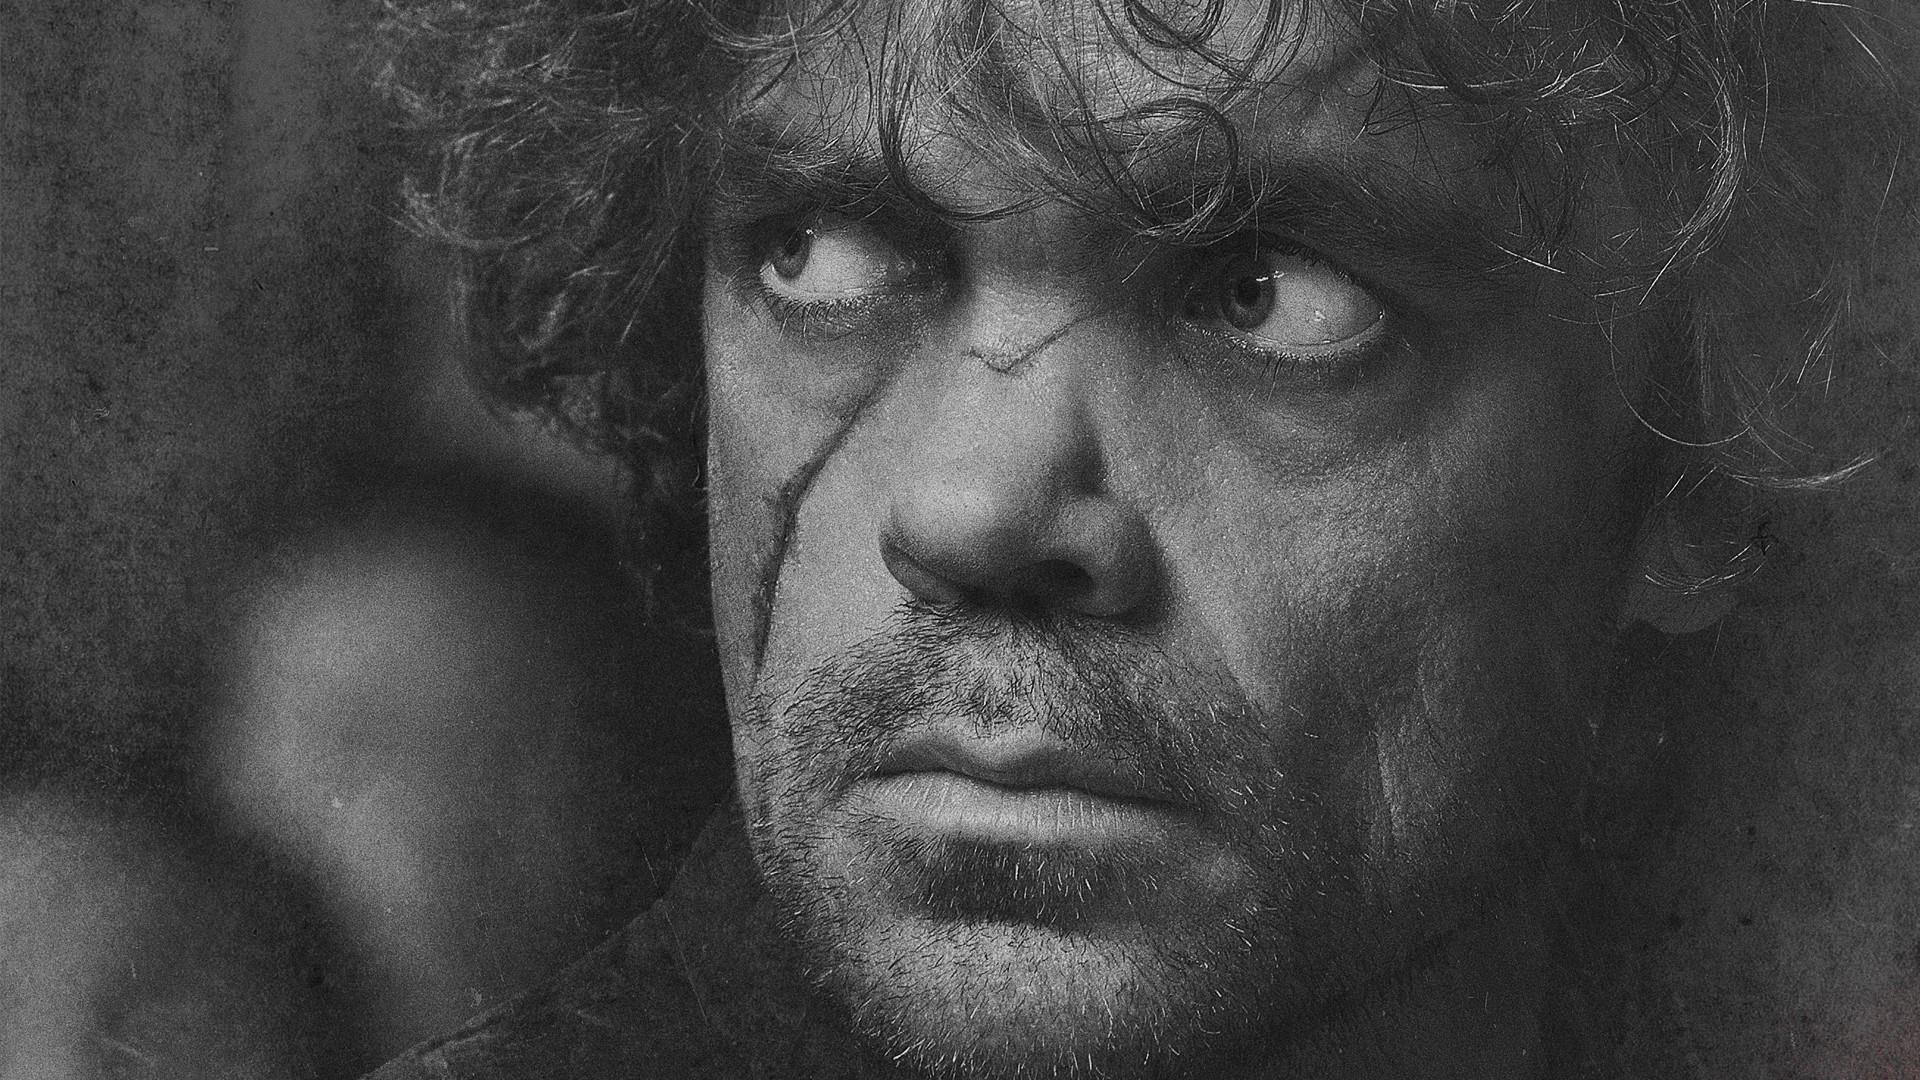 《魔兽世界》经典角色佛丁要变死亡骑士?